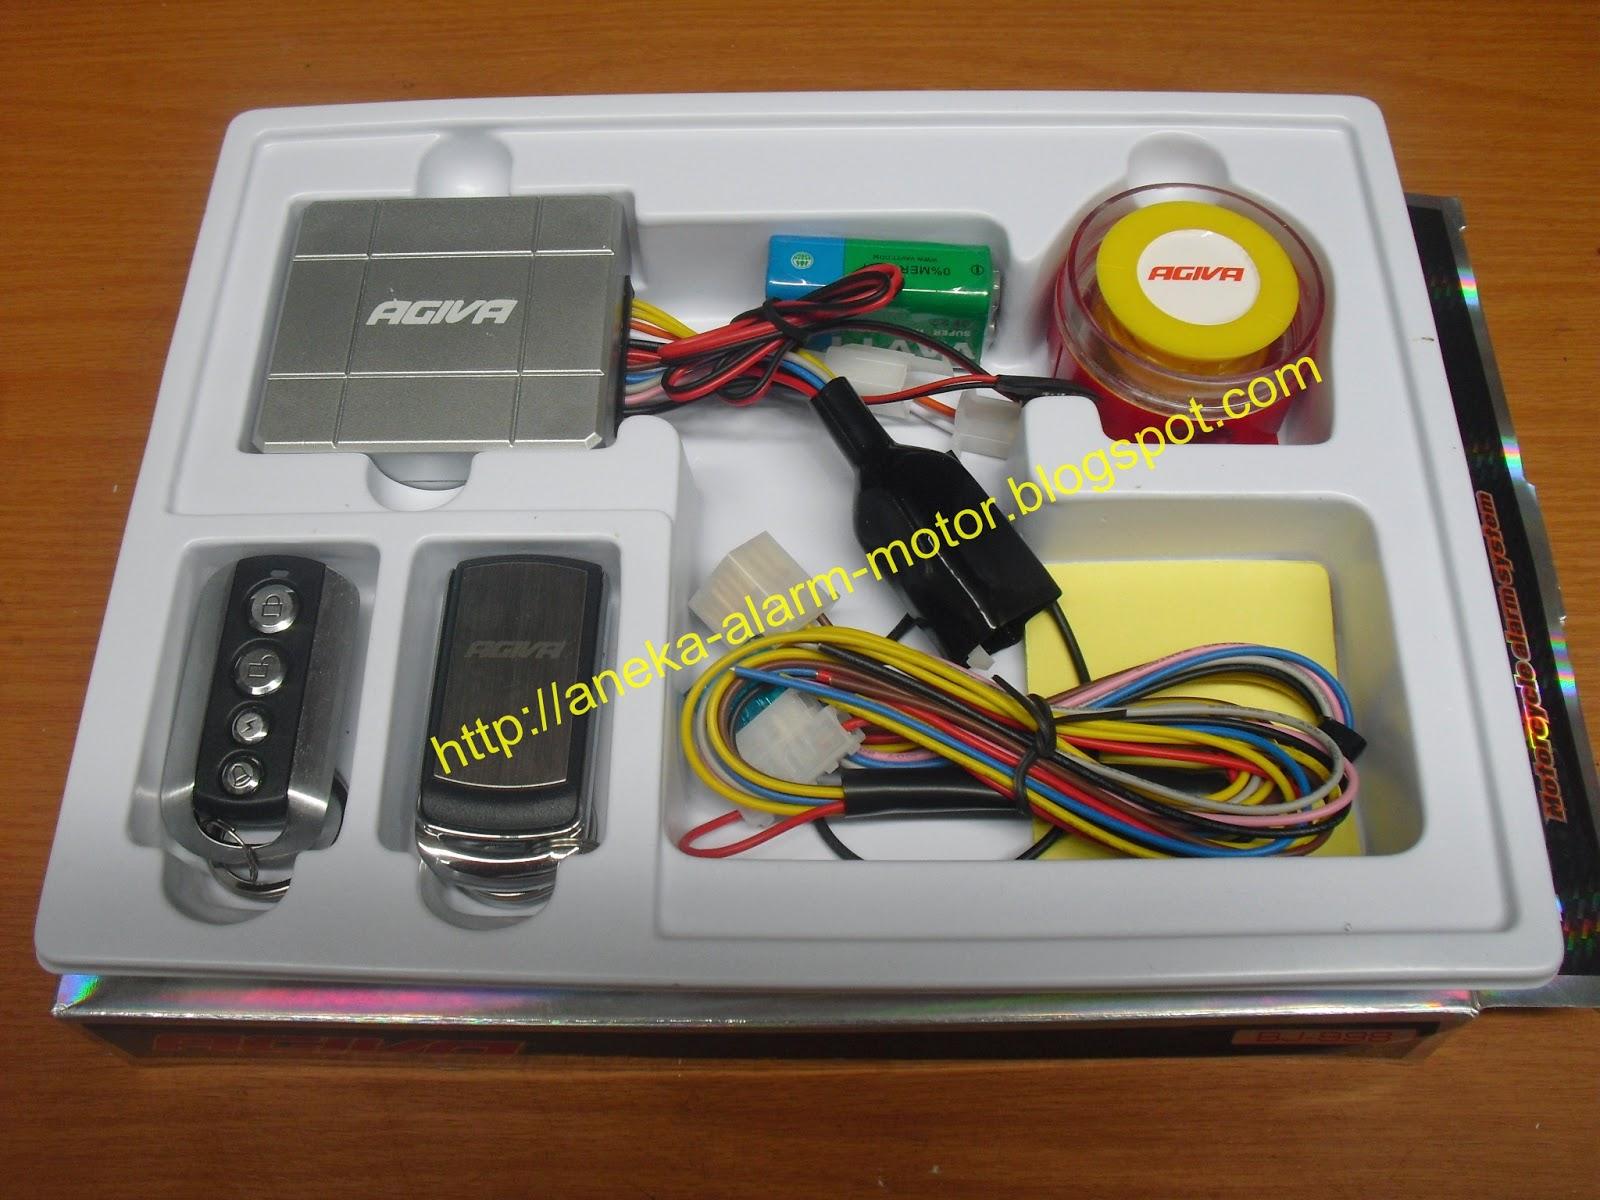 Aneka Alarm Motor March 2014